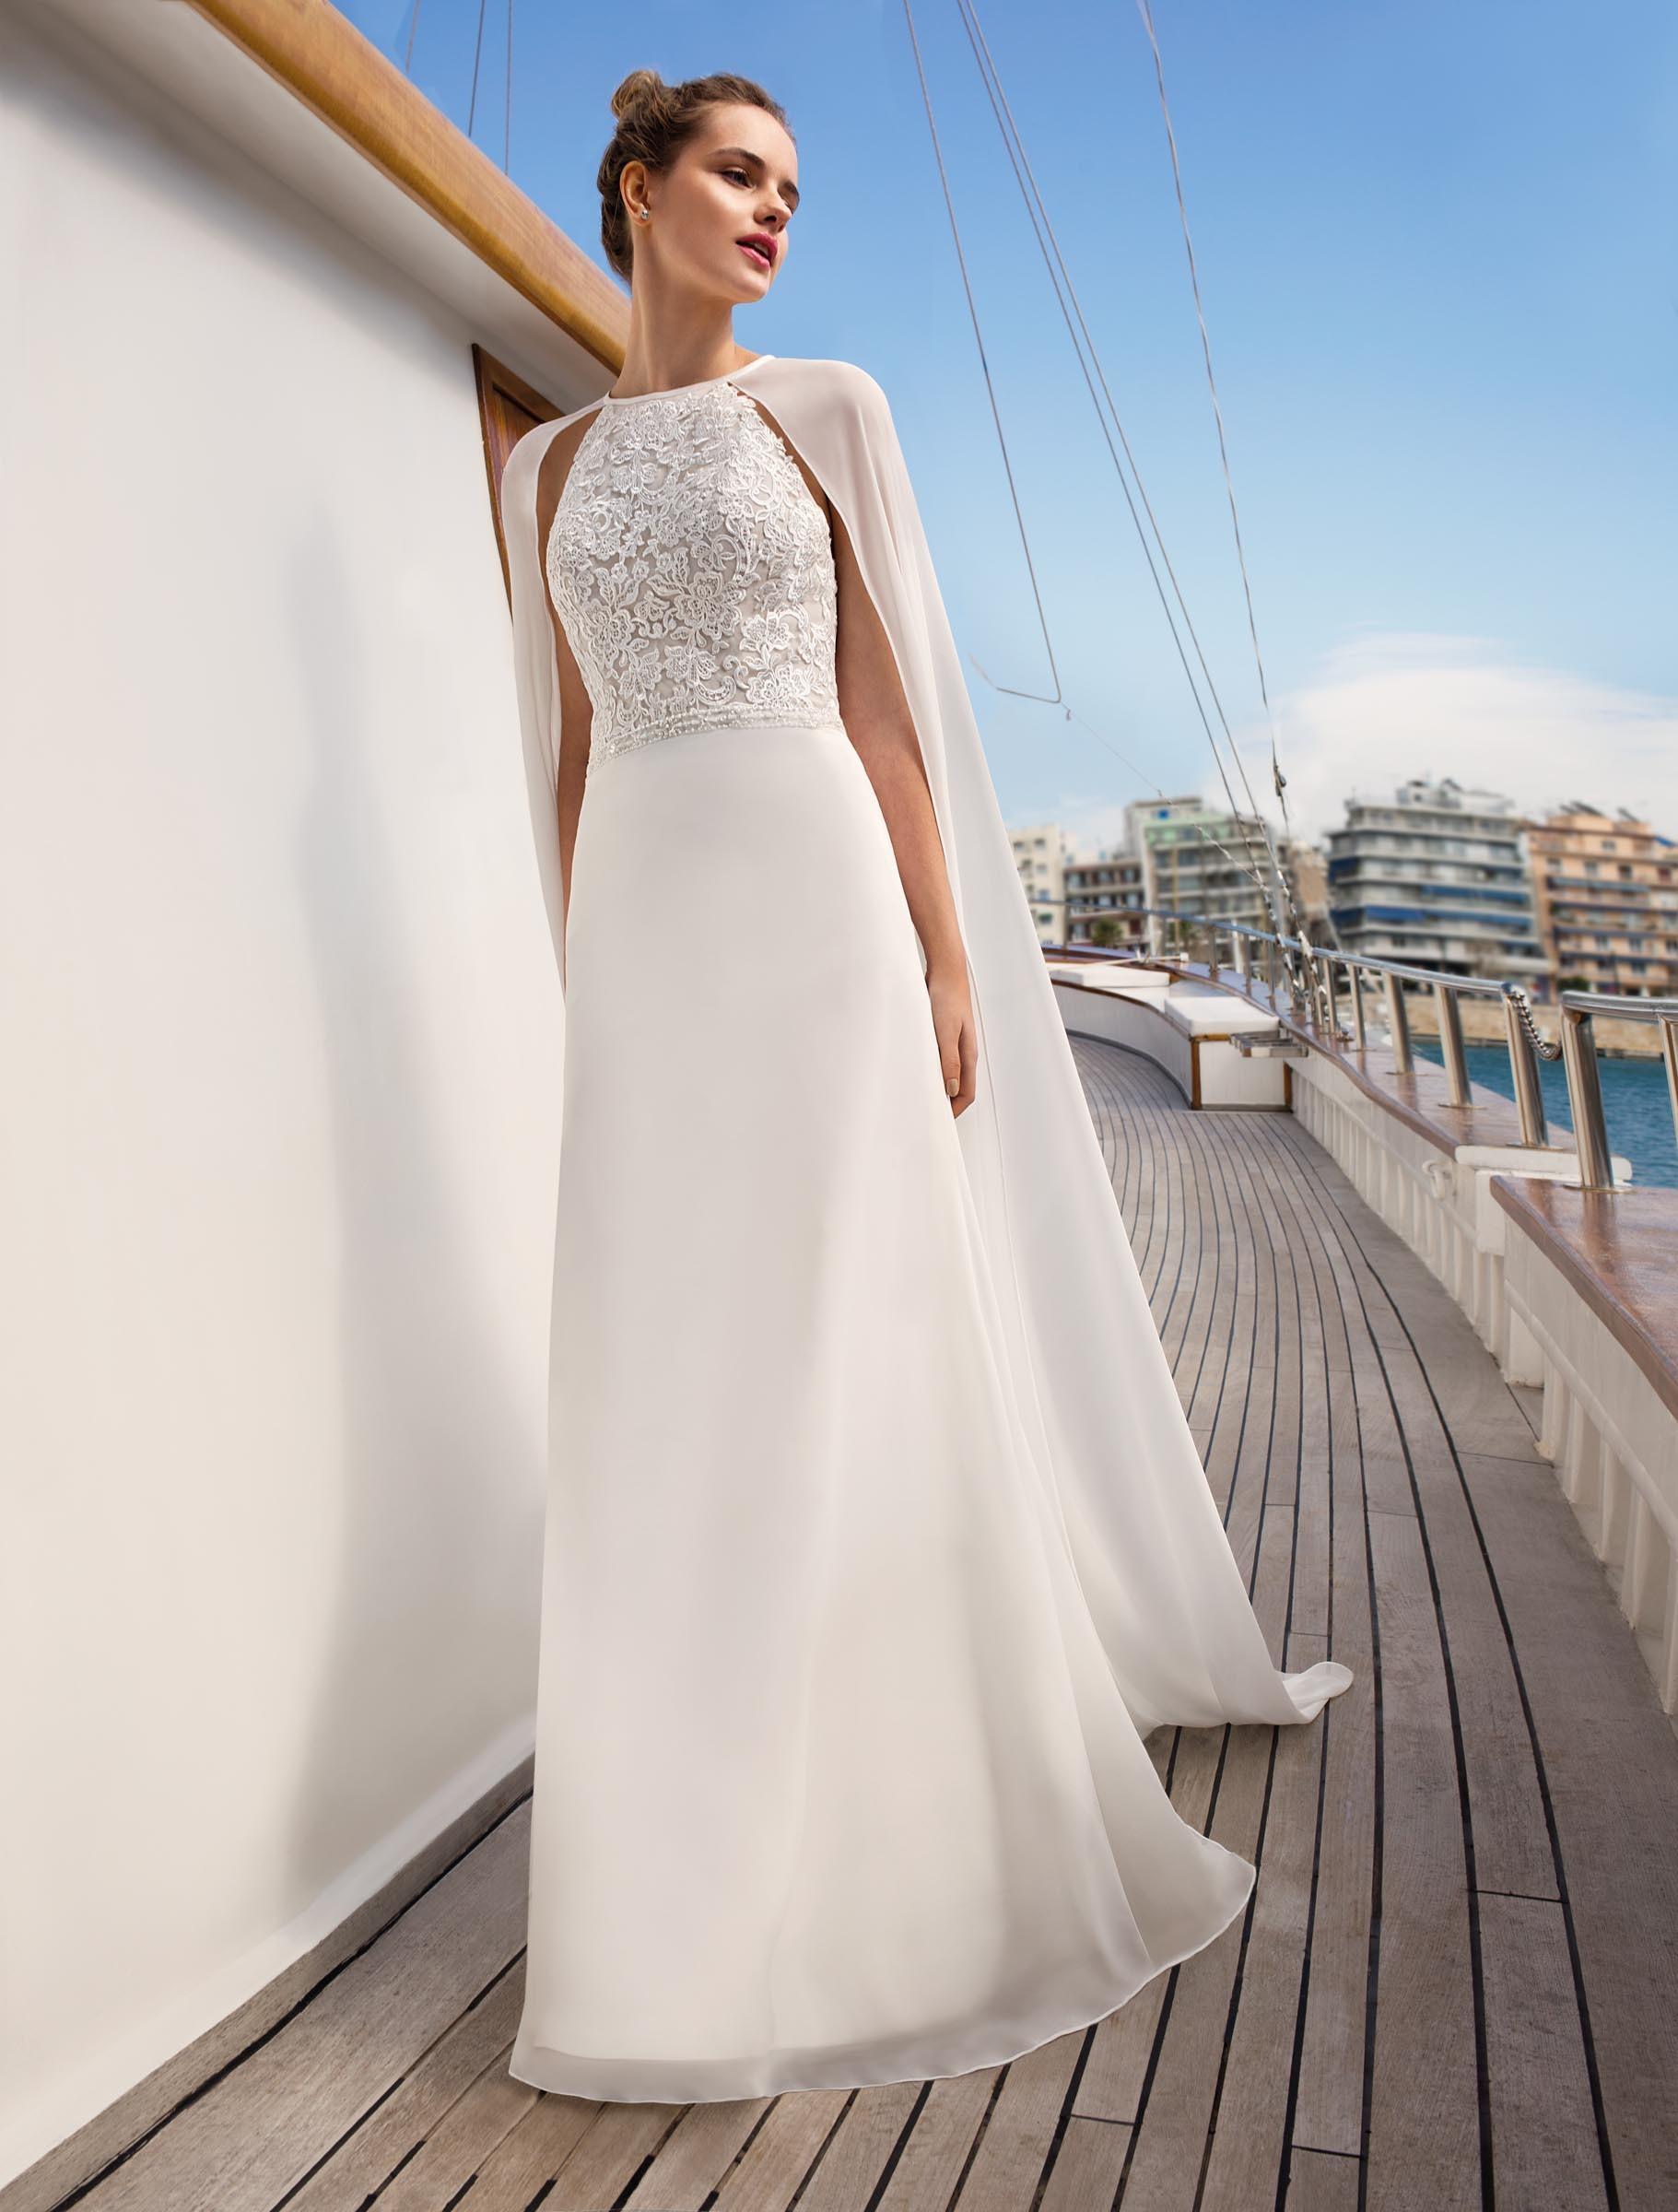 Brautkleider  Die schnsten Kleider  Trends 2019 entdecken